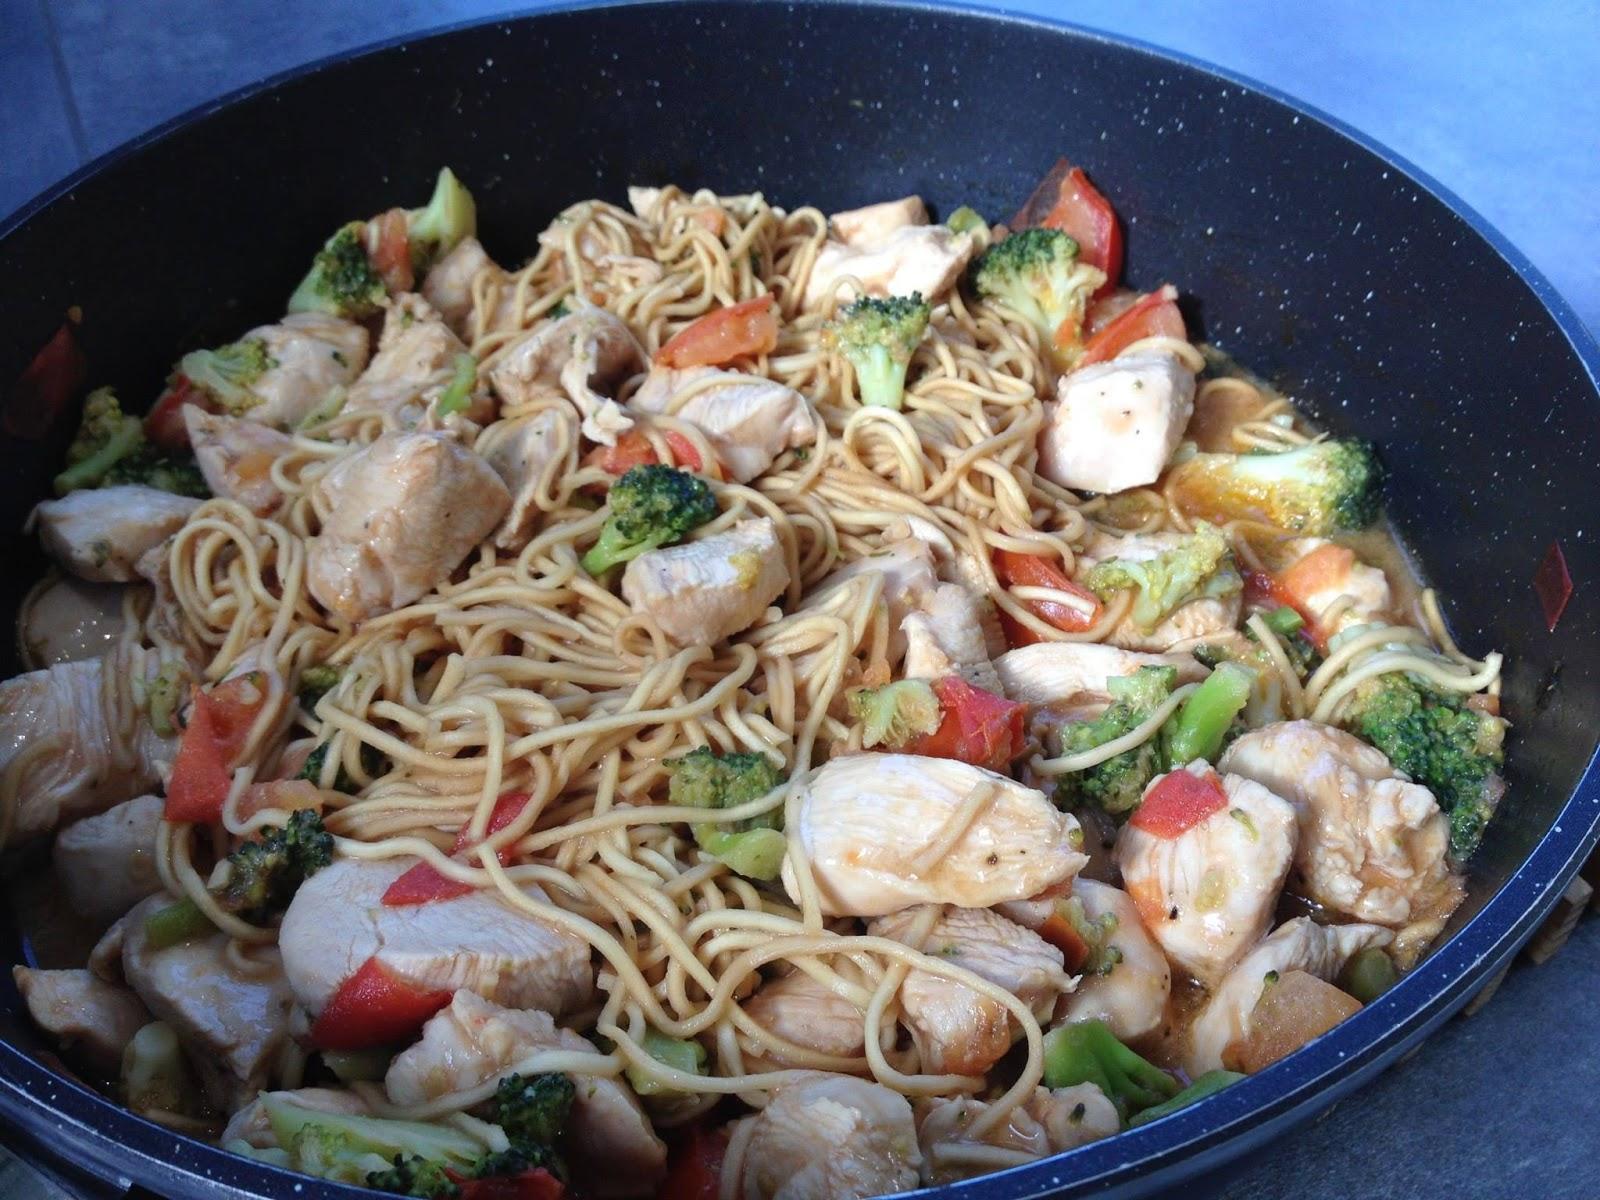 nouilles chinoises au poulet en k de gourmandises